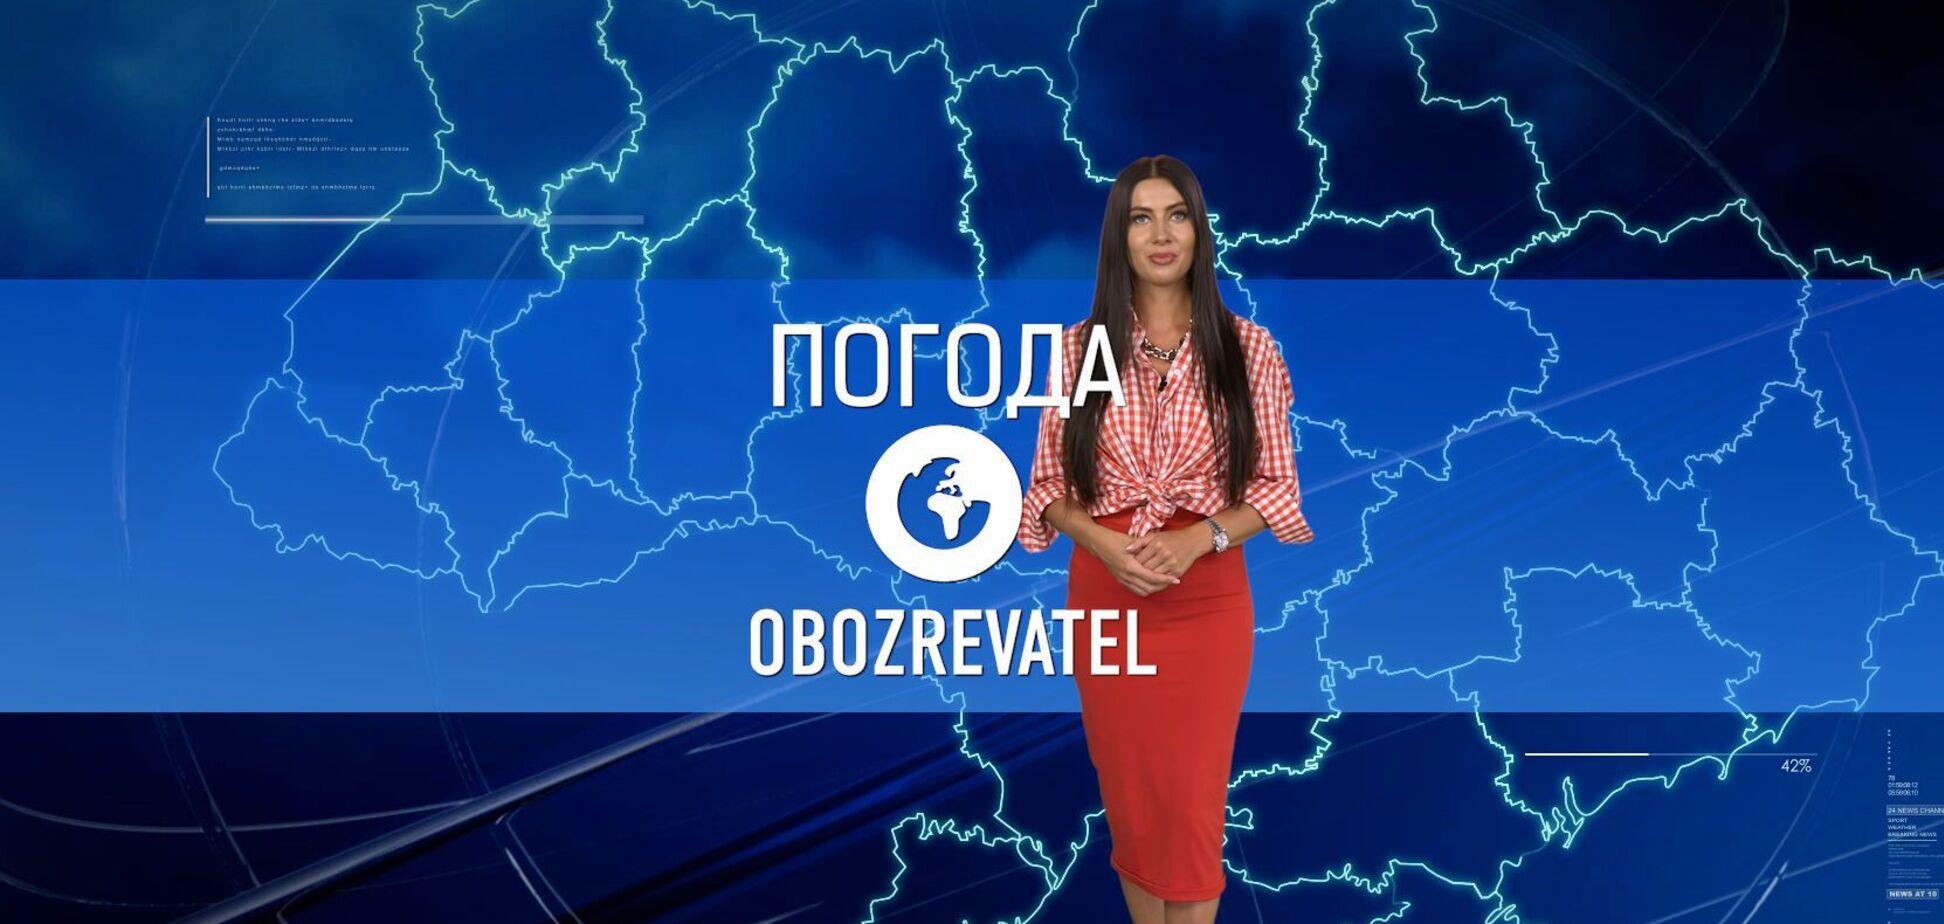 Прогноз погоди в Україні на середу, 4 серпня, з Алісою Мярковською